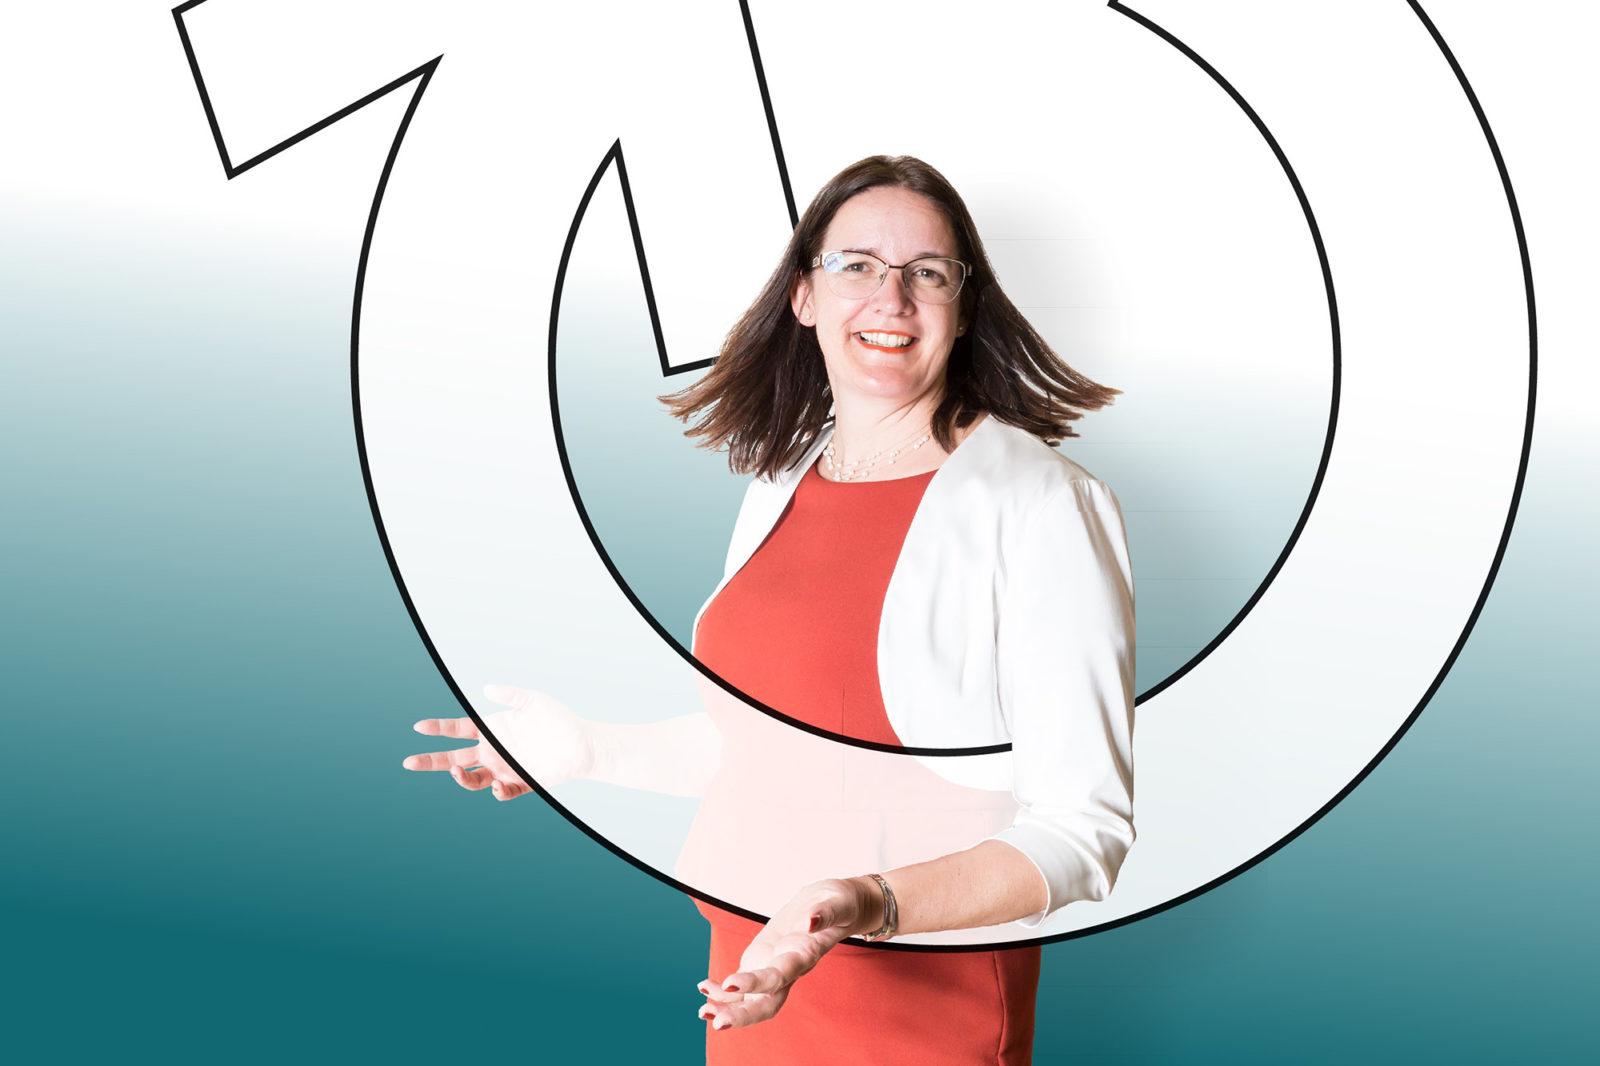 Onderwijspionier-Michaela-Schippers-3-Geertje-van-Achterberg